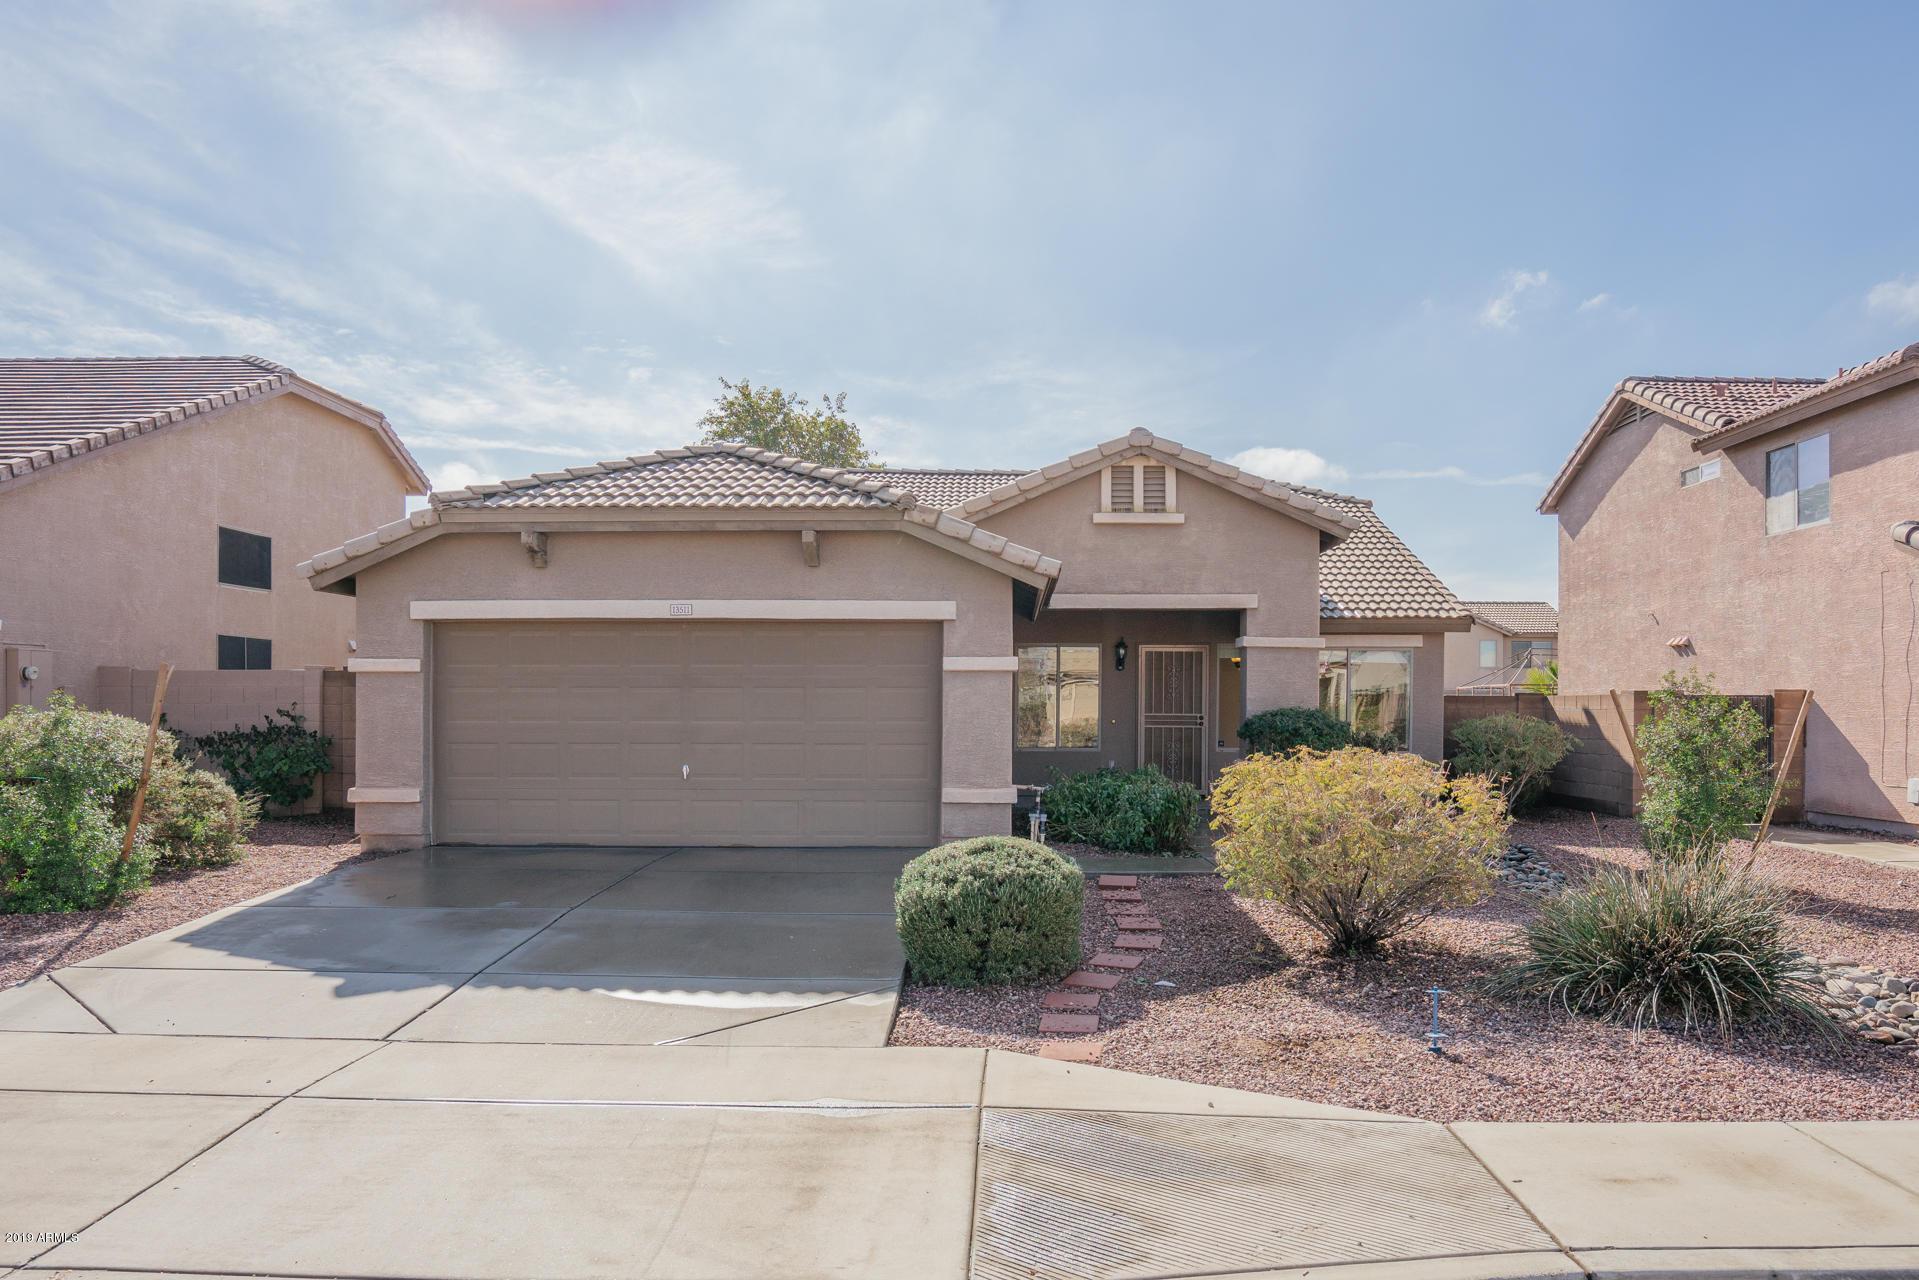 Photo of 13511 W PECK Drive, Litchfield Park, AZ 85340